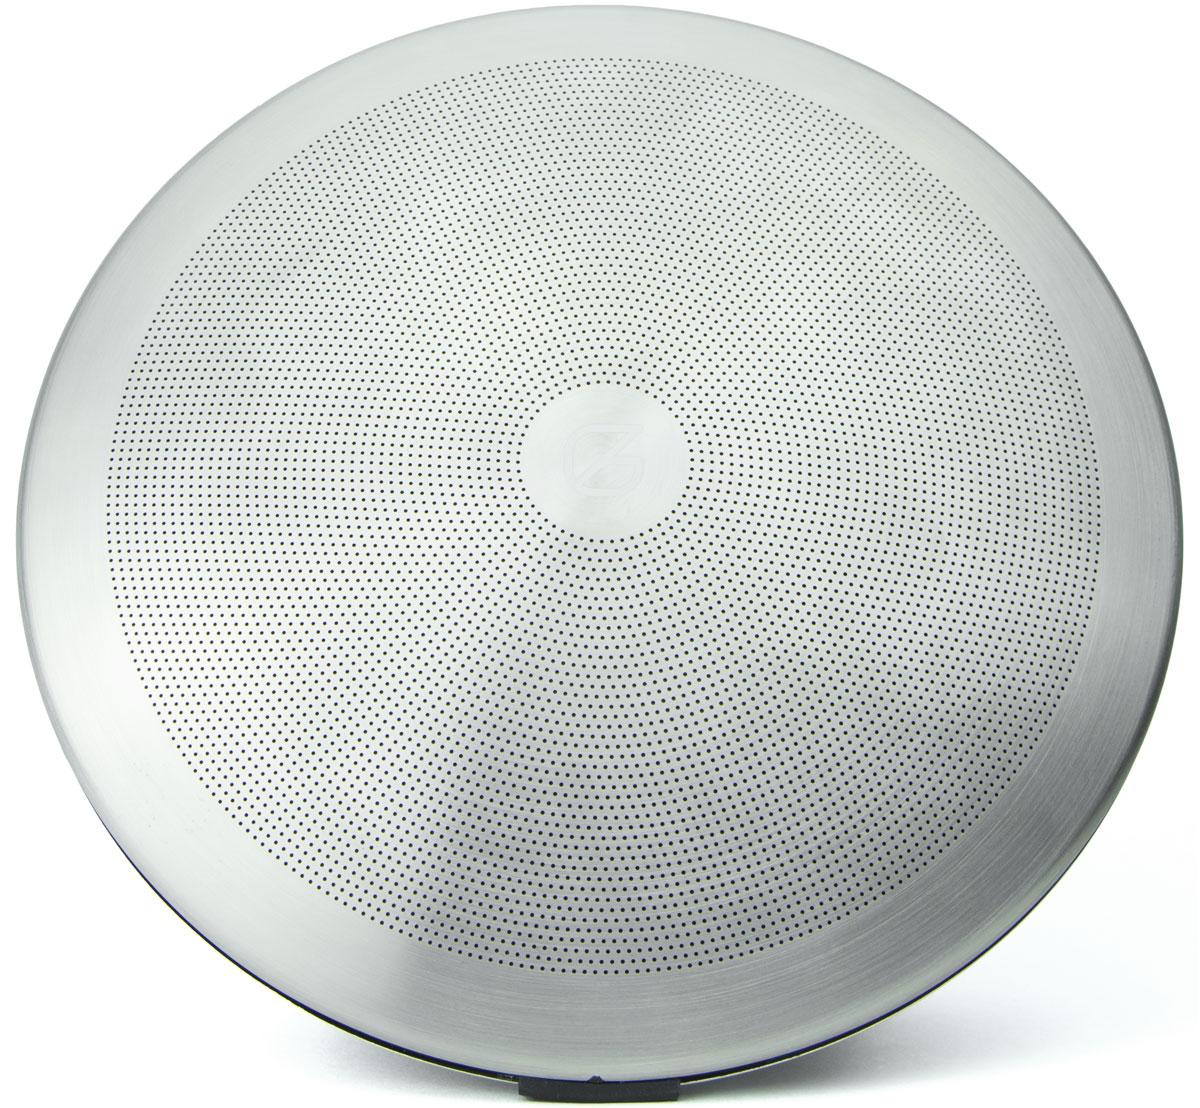 GZ Electronics LoftSound GZ-88, Black портативная акустическая система - Портативная акустика